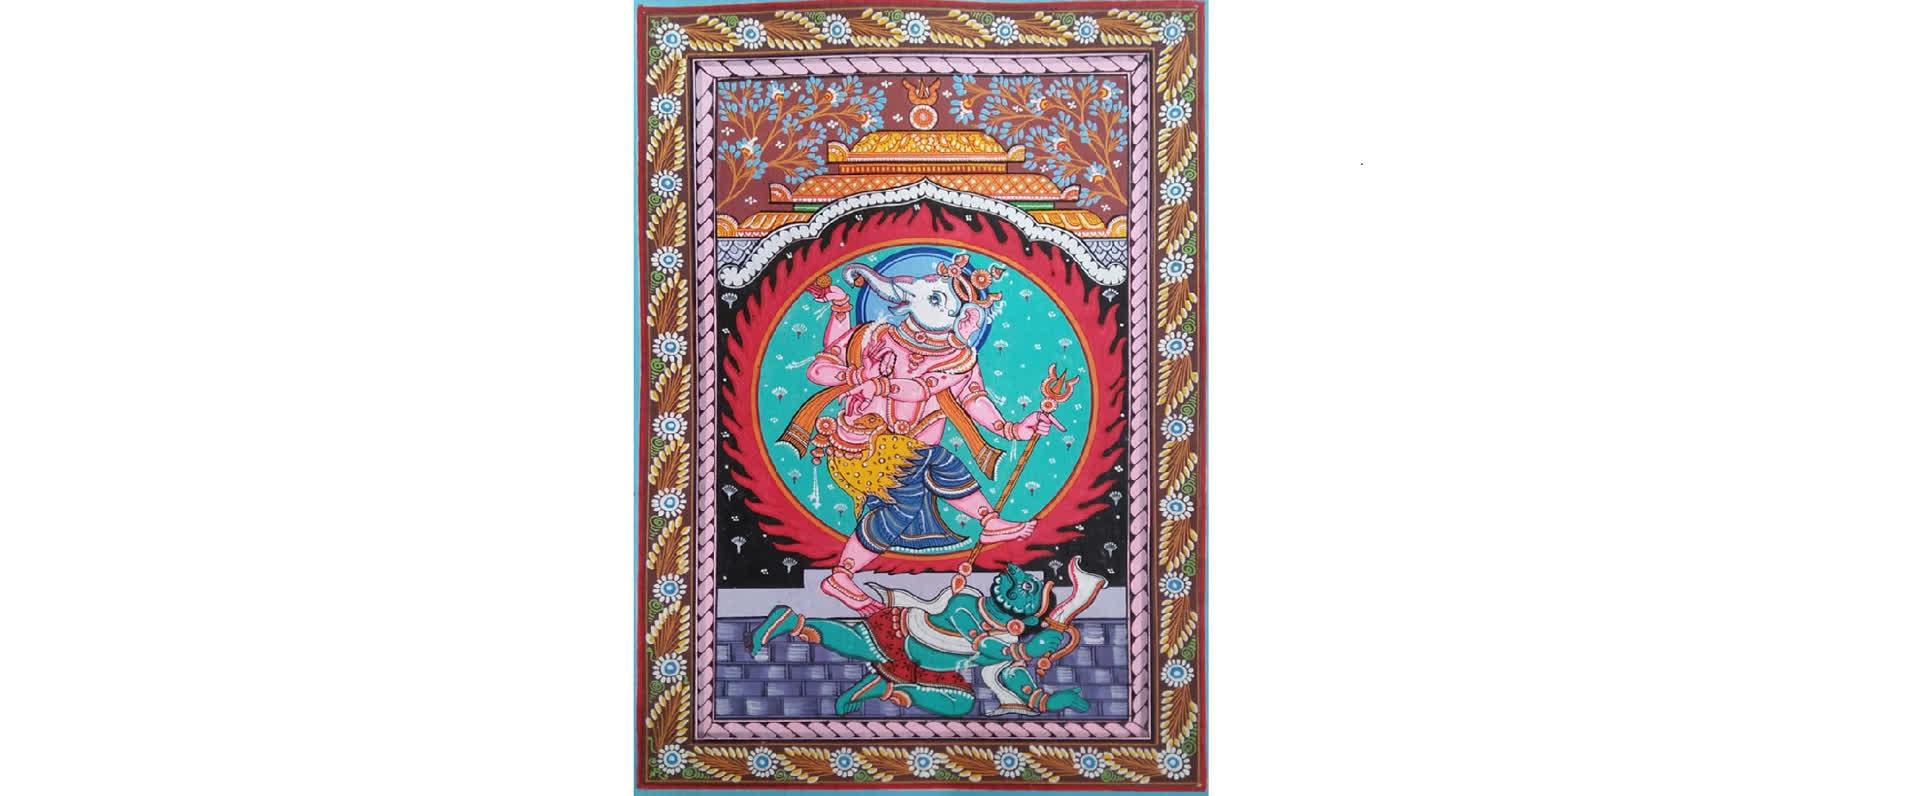 पट्टचित्र- ओडीशा की कला धरोहर